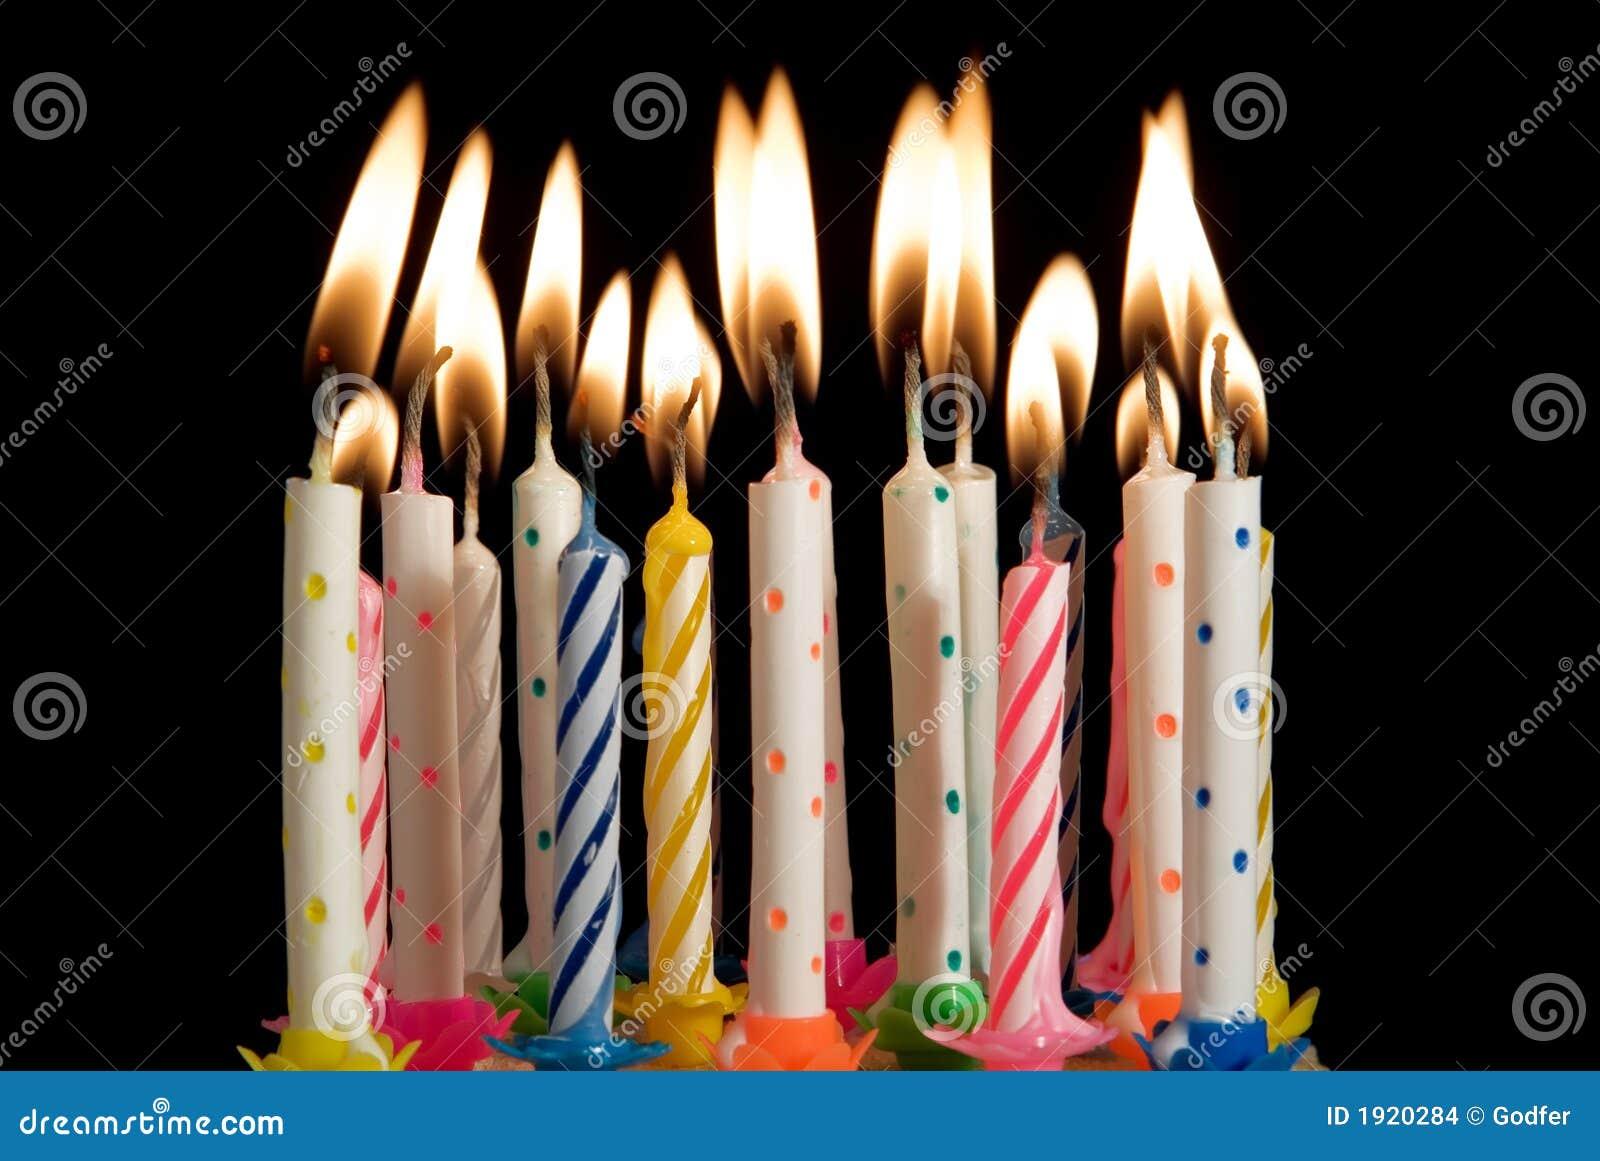 Velas do bolo de aniversário